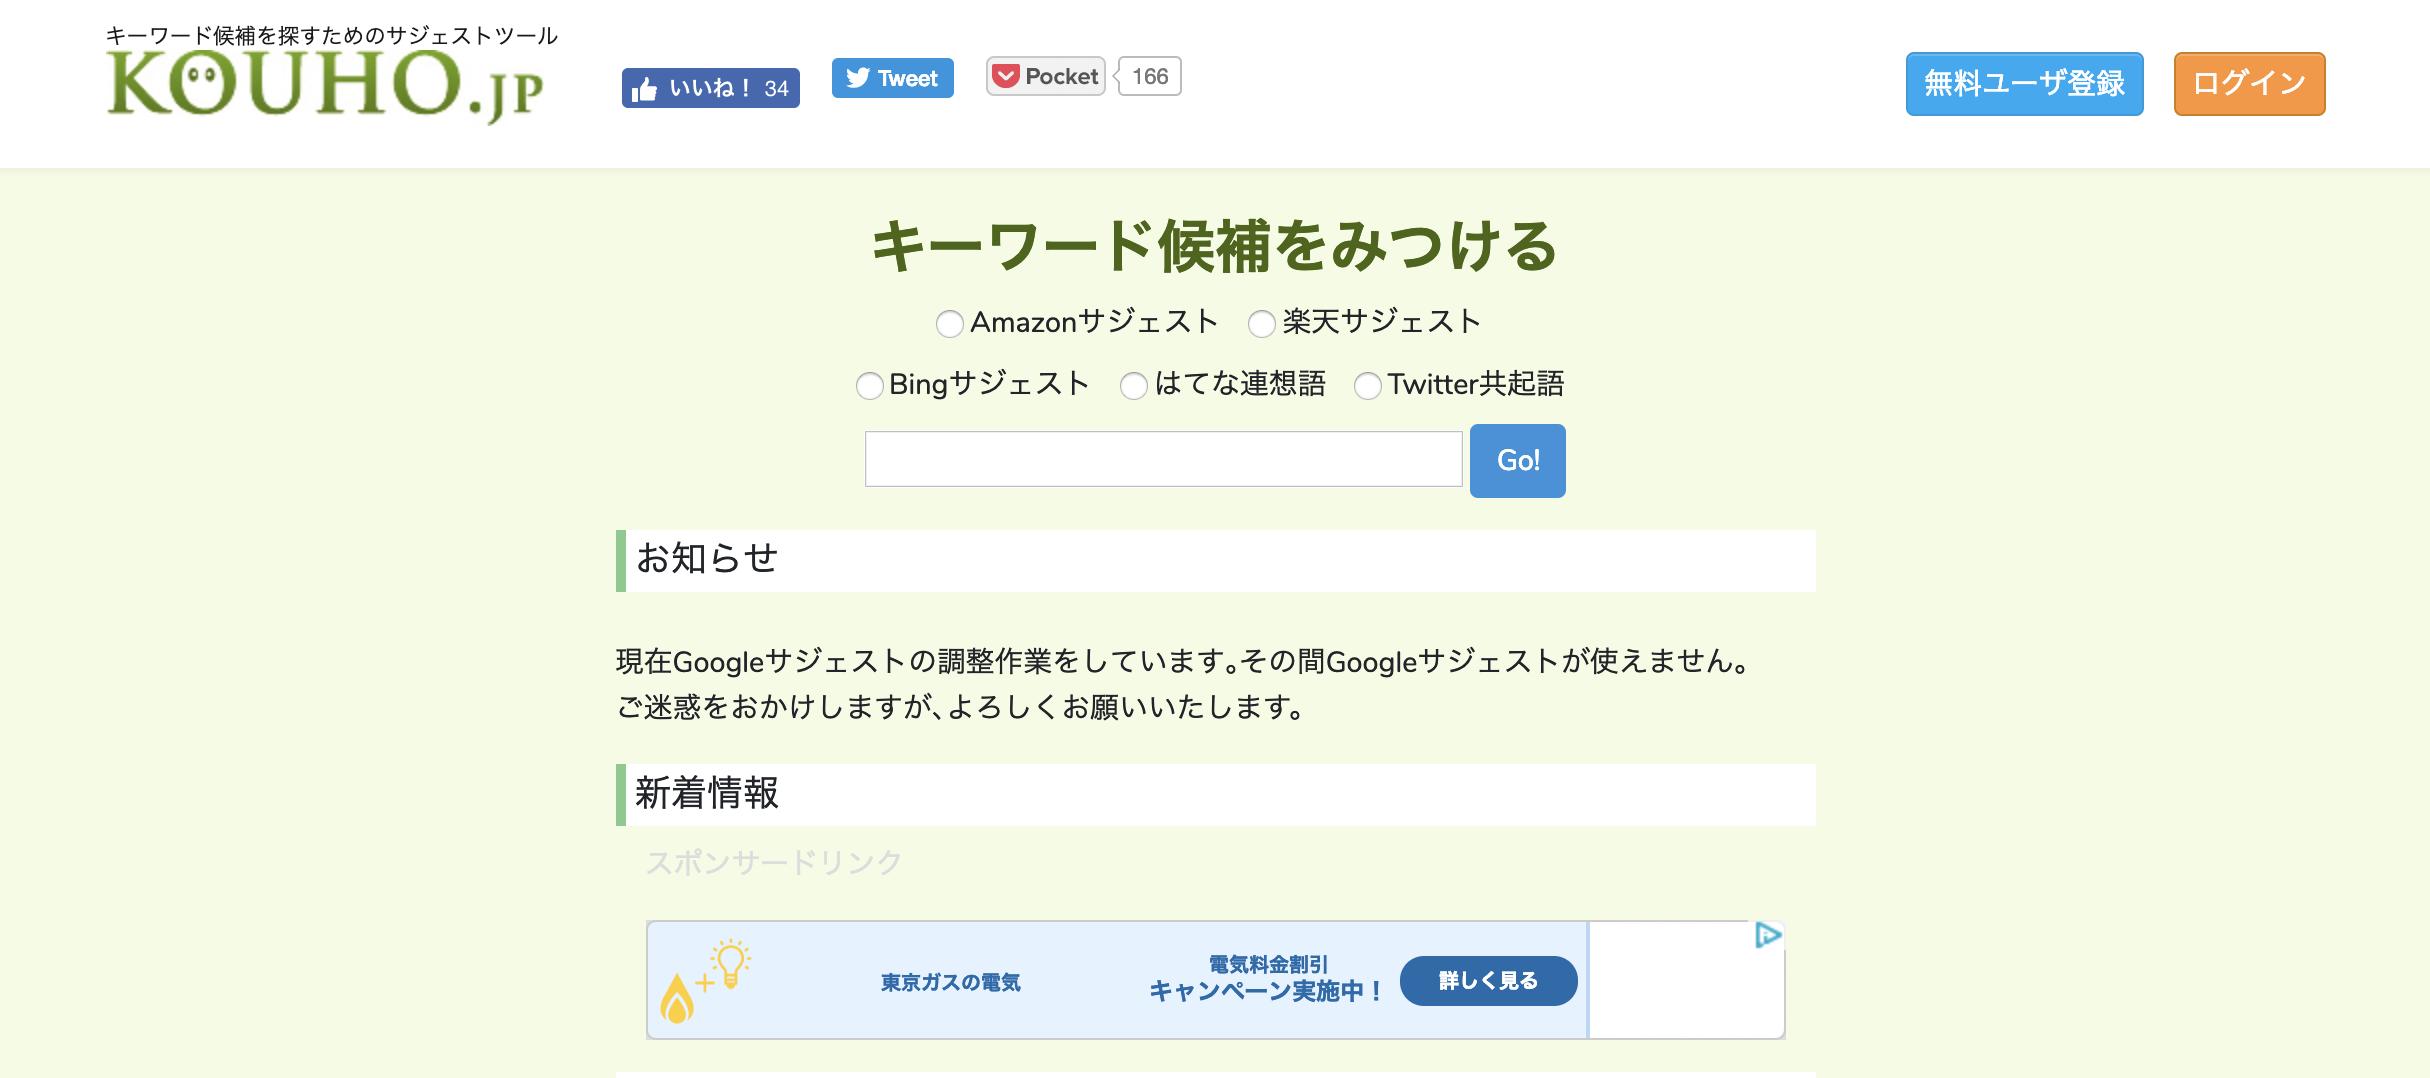 Kouho .jp_トップページ